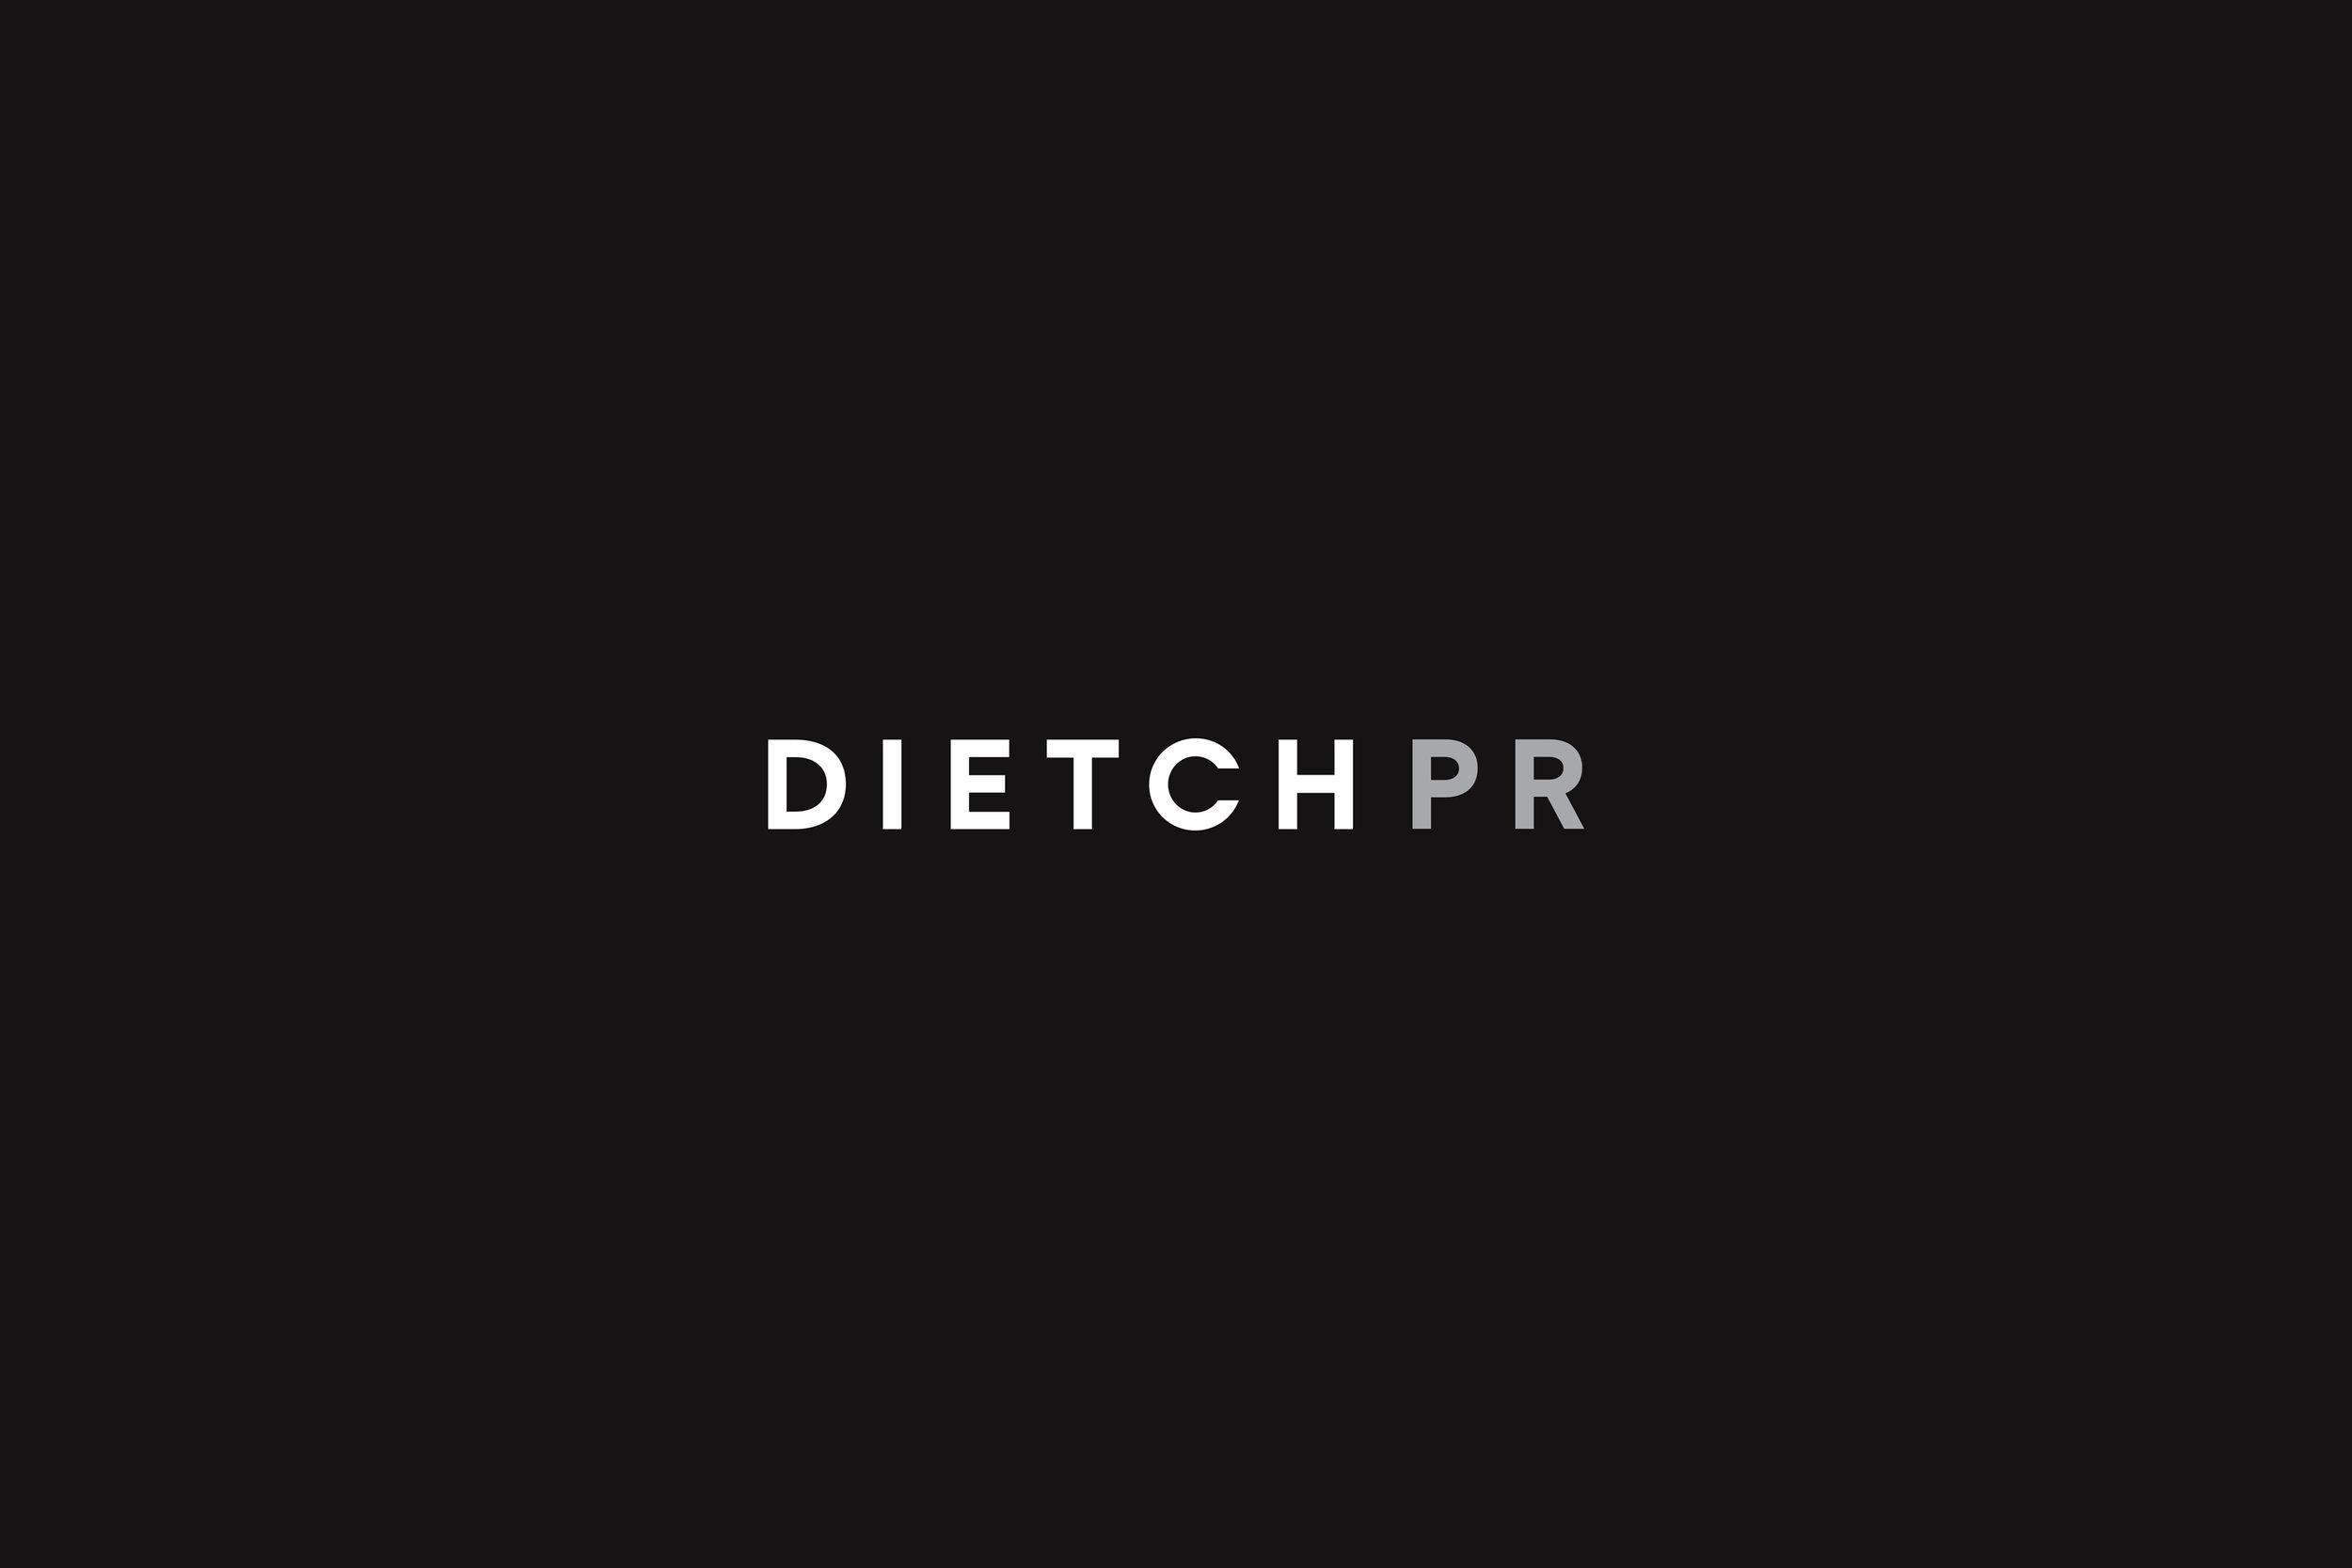 DietchPR_Folio_LogoGrey.jpg